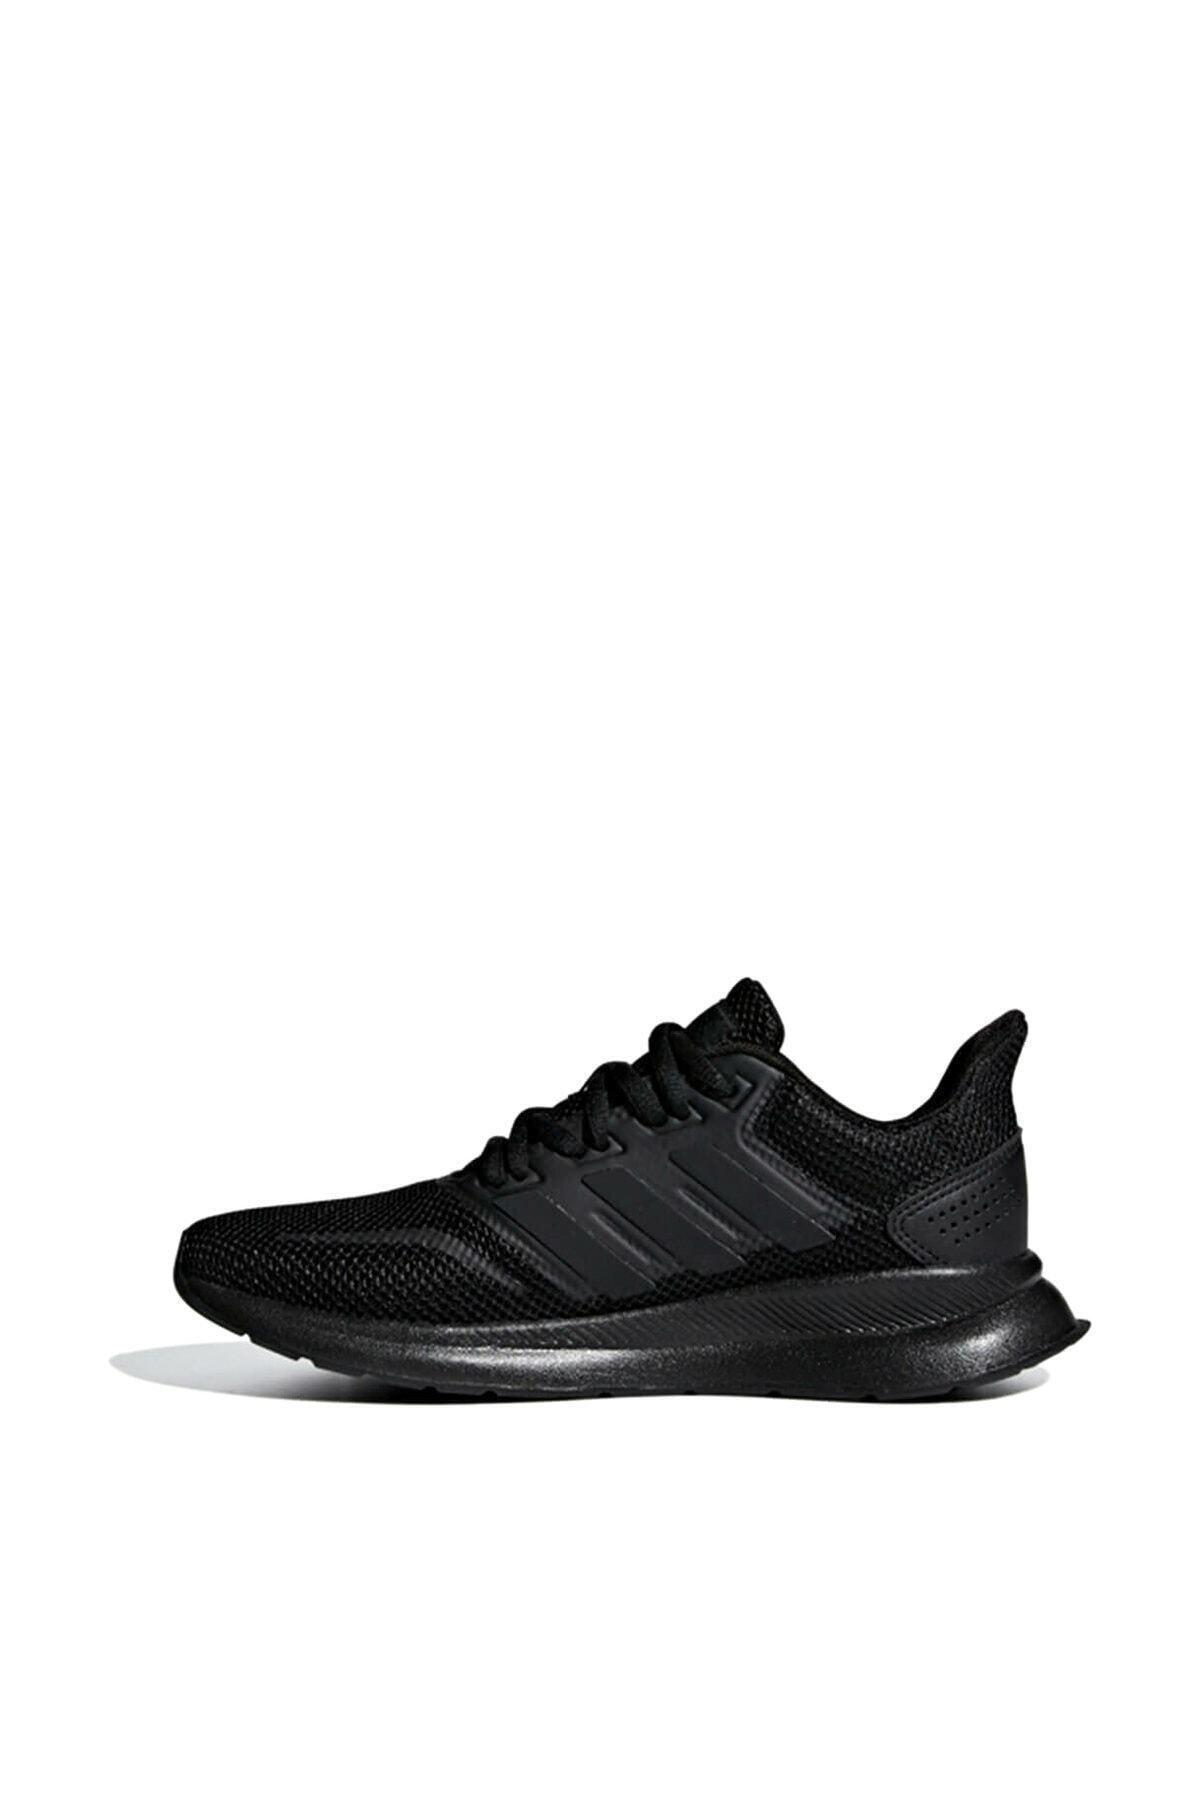 adidas Runfalcon K Siyah Unisex Koşu Ayakkabısı